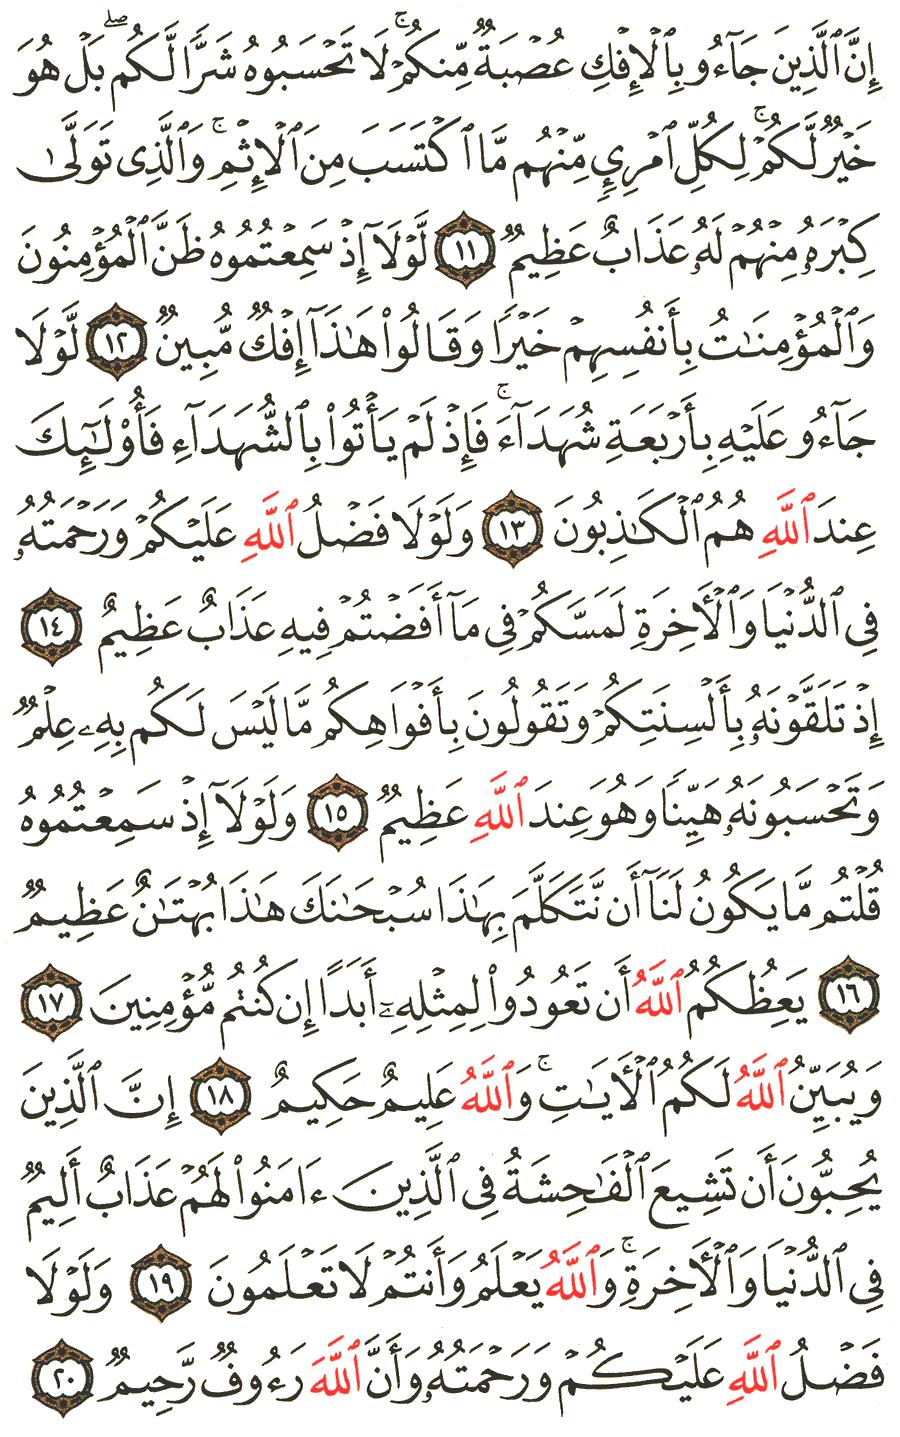 الخرائط الذهنية لسور القرآن الكريم سورة النور Quran Book Tajweed Quran Quran Tafseer